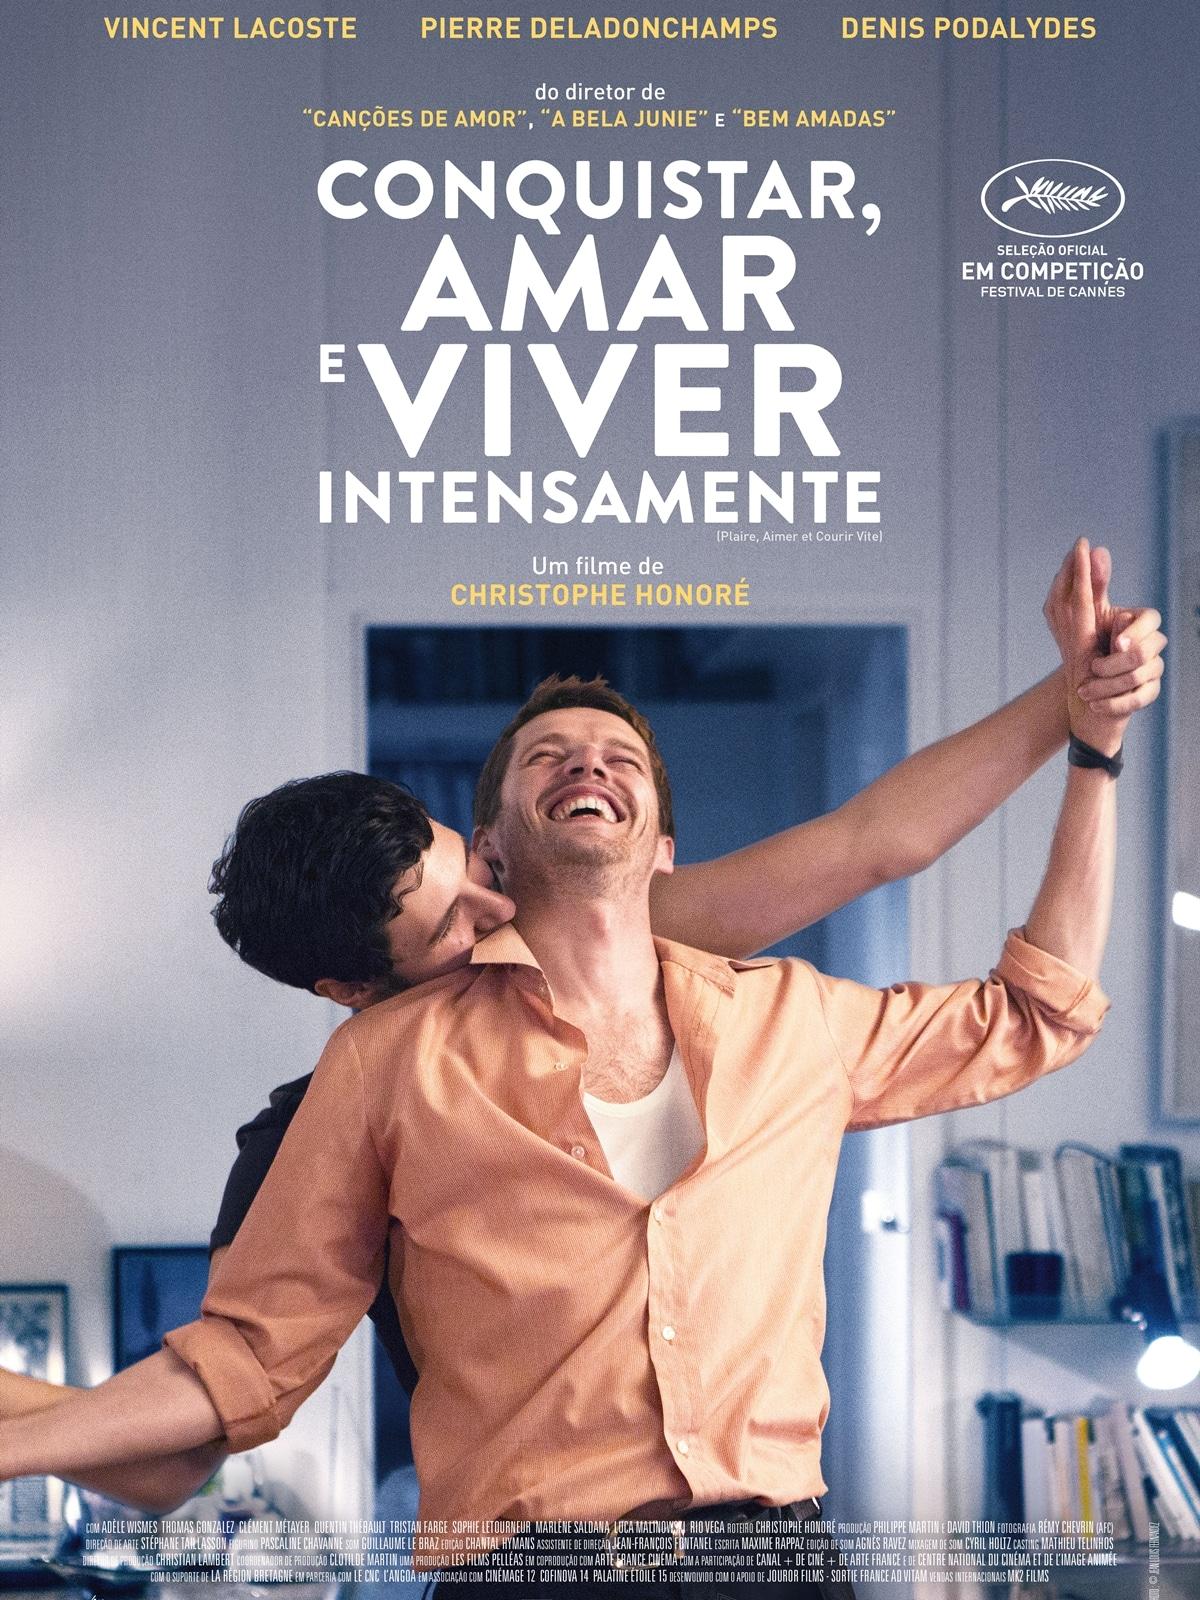 Conquistar, Amar e Viver Intensamente - Premiado como melhor filme estrangeiro no Festival Mix Brasil 1